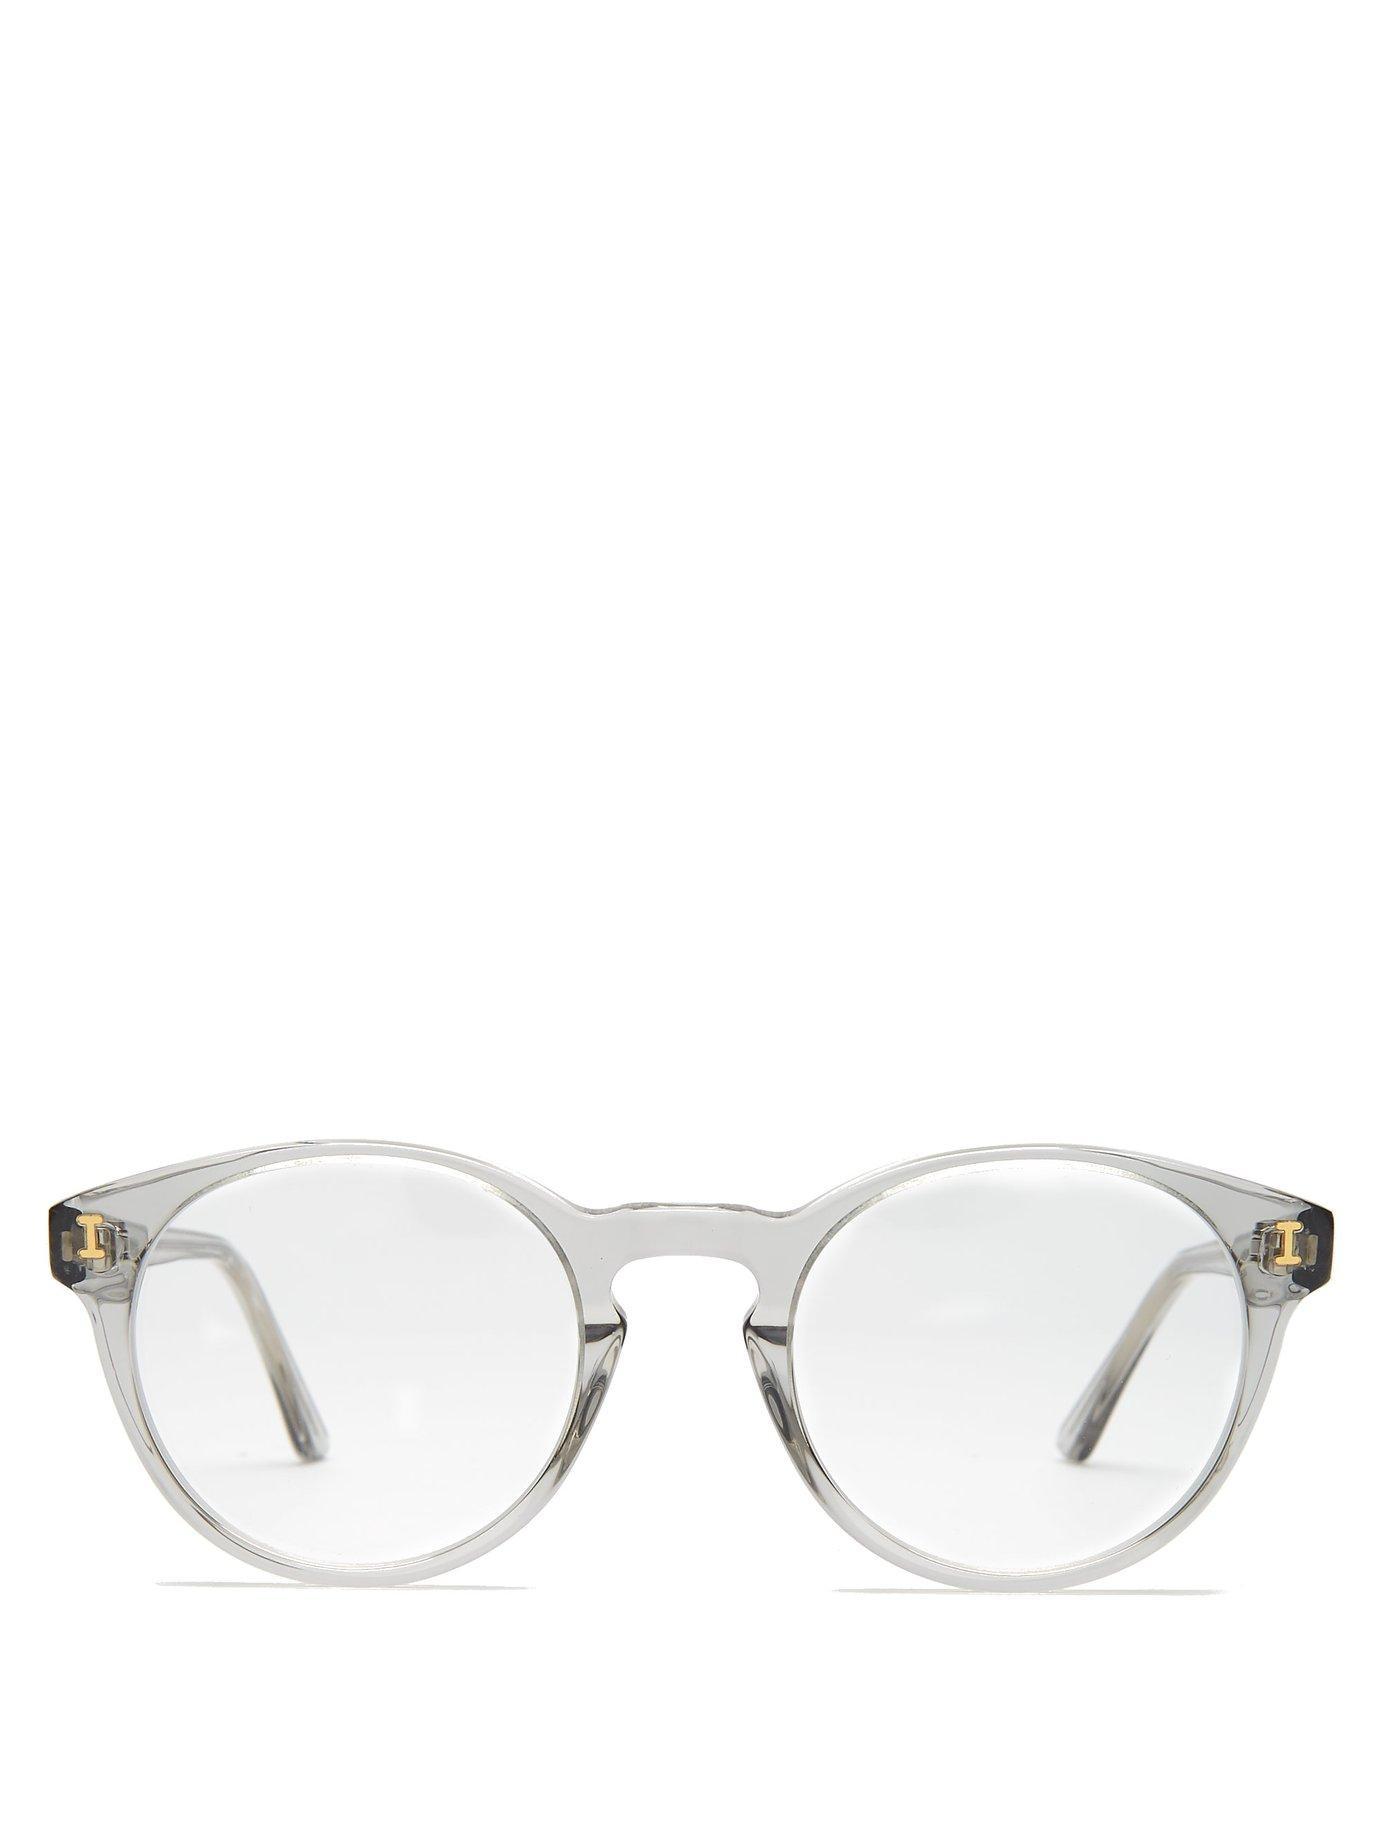 2995f0ffeb58 Lyst - Illesteva Vita Round Frame Glasses in Gray for Men